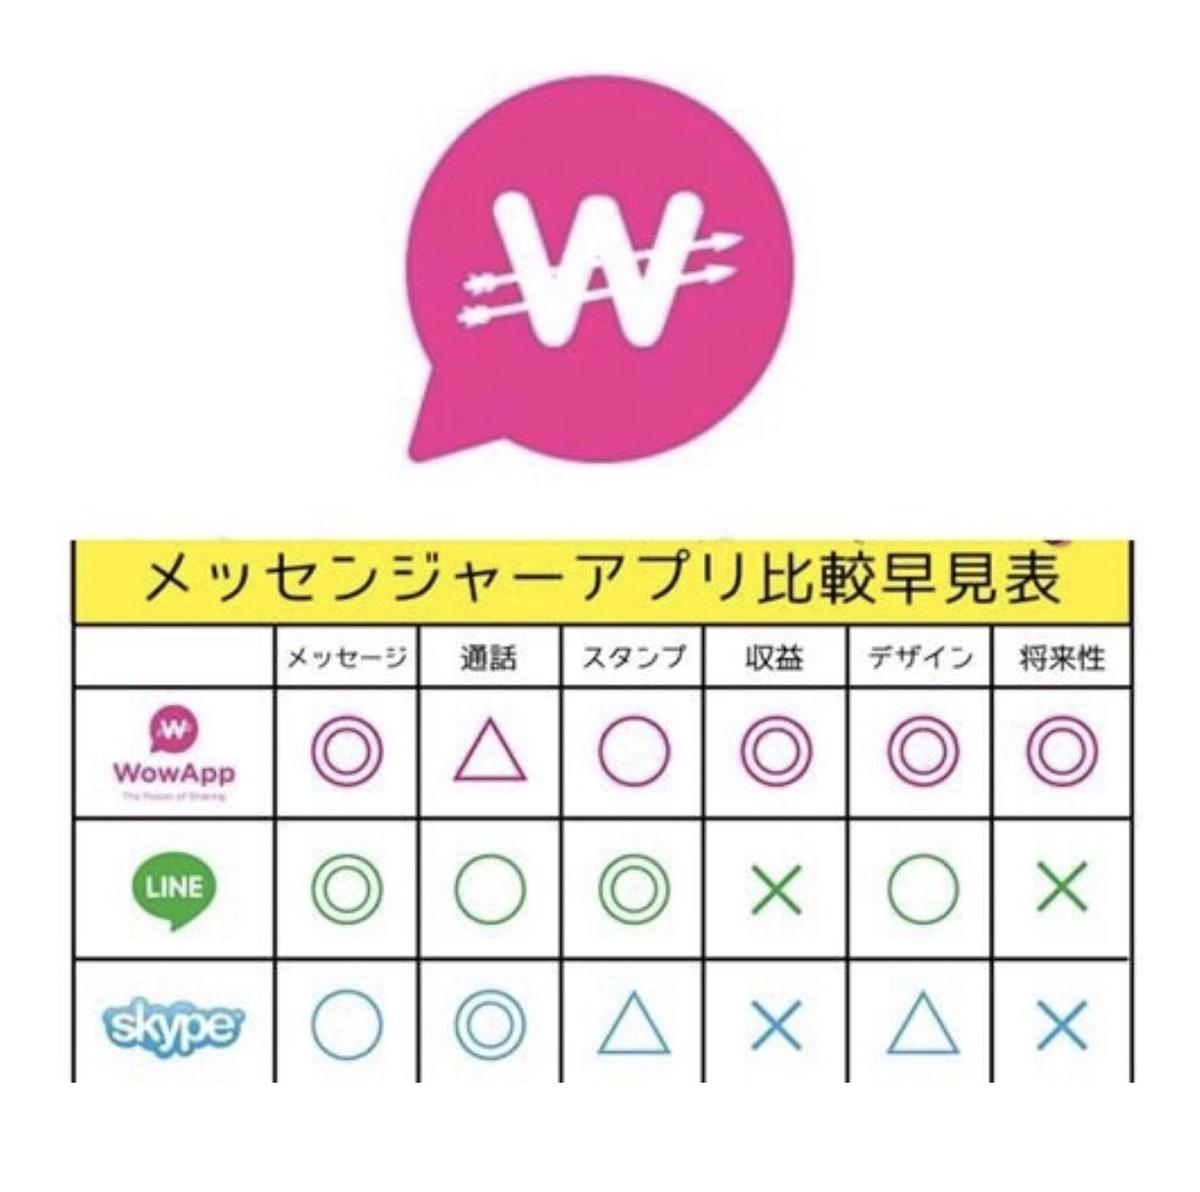 f:id:kaoruikeda:20200608122937j:plain